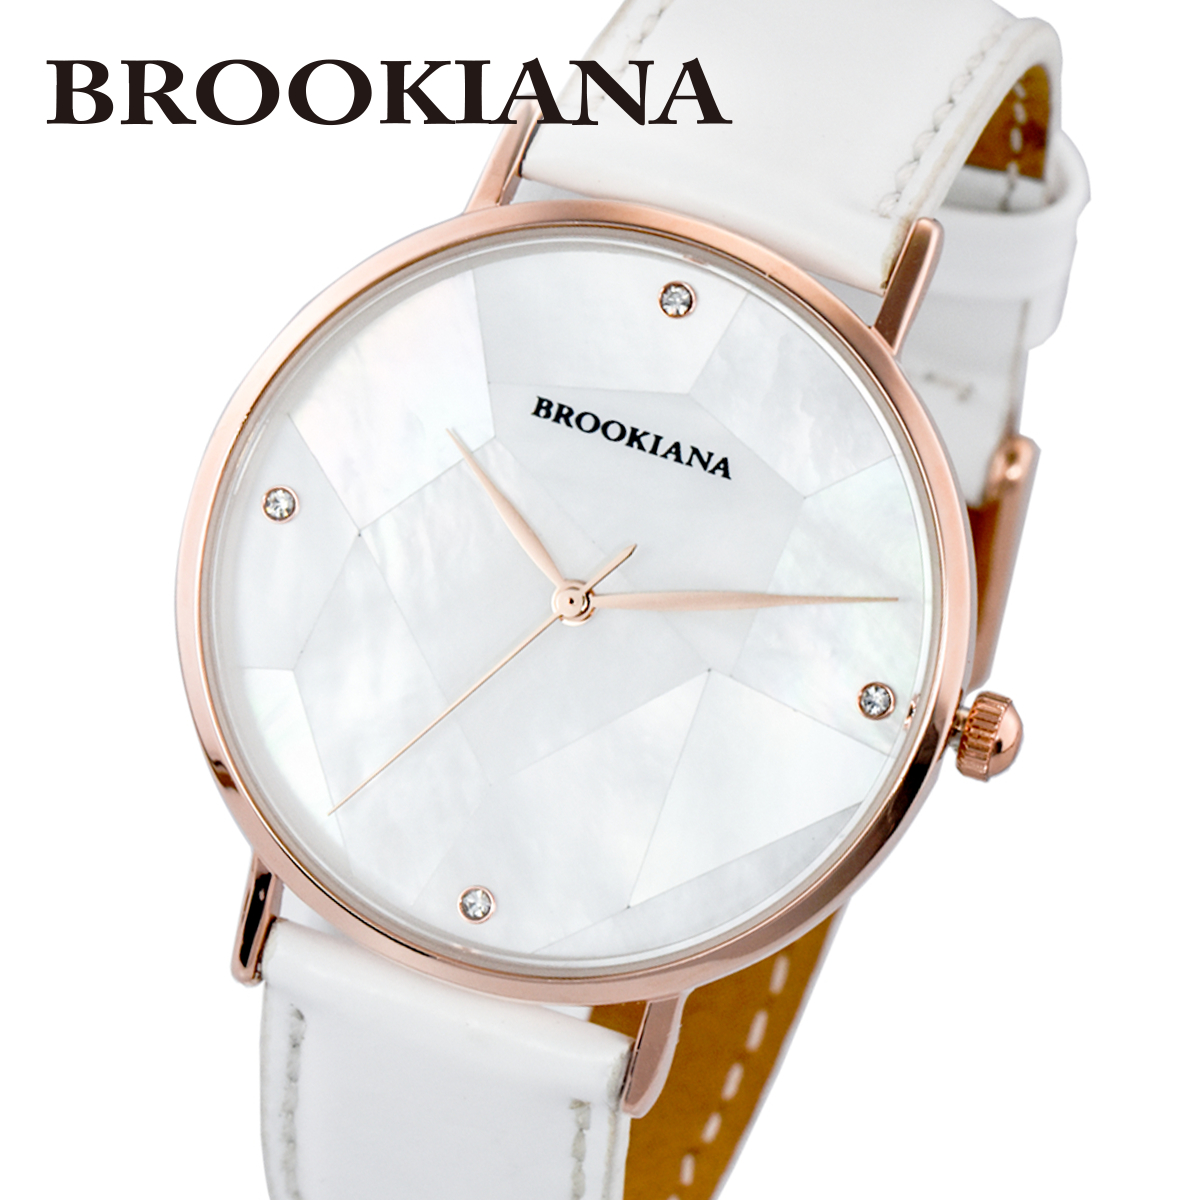 【全品送料無料】 ブルッキアーナ BROOKIANA ROUND SLIM PEARL BA3101-RPWLWH メンズ 時計 腕時計 クオーツ